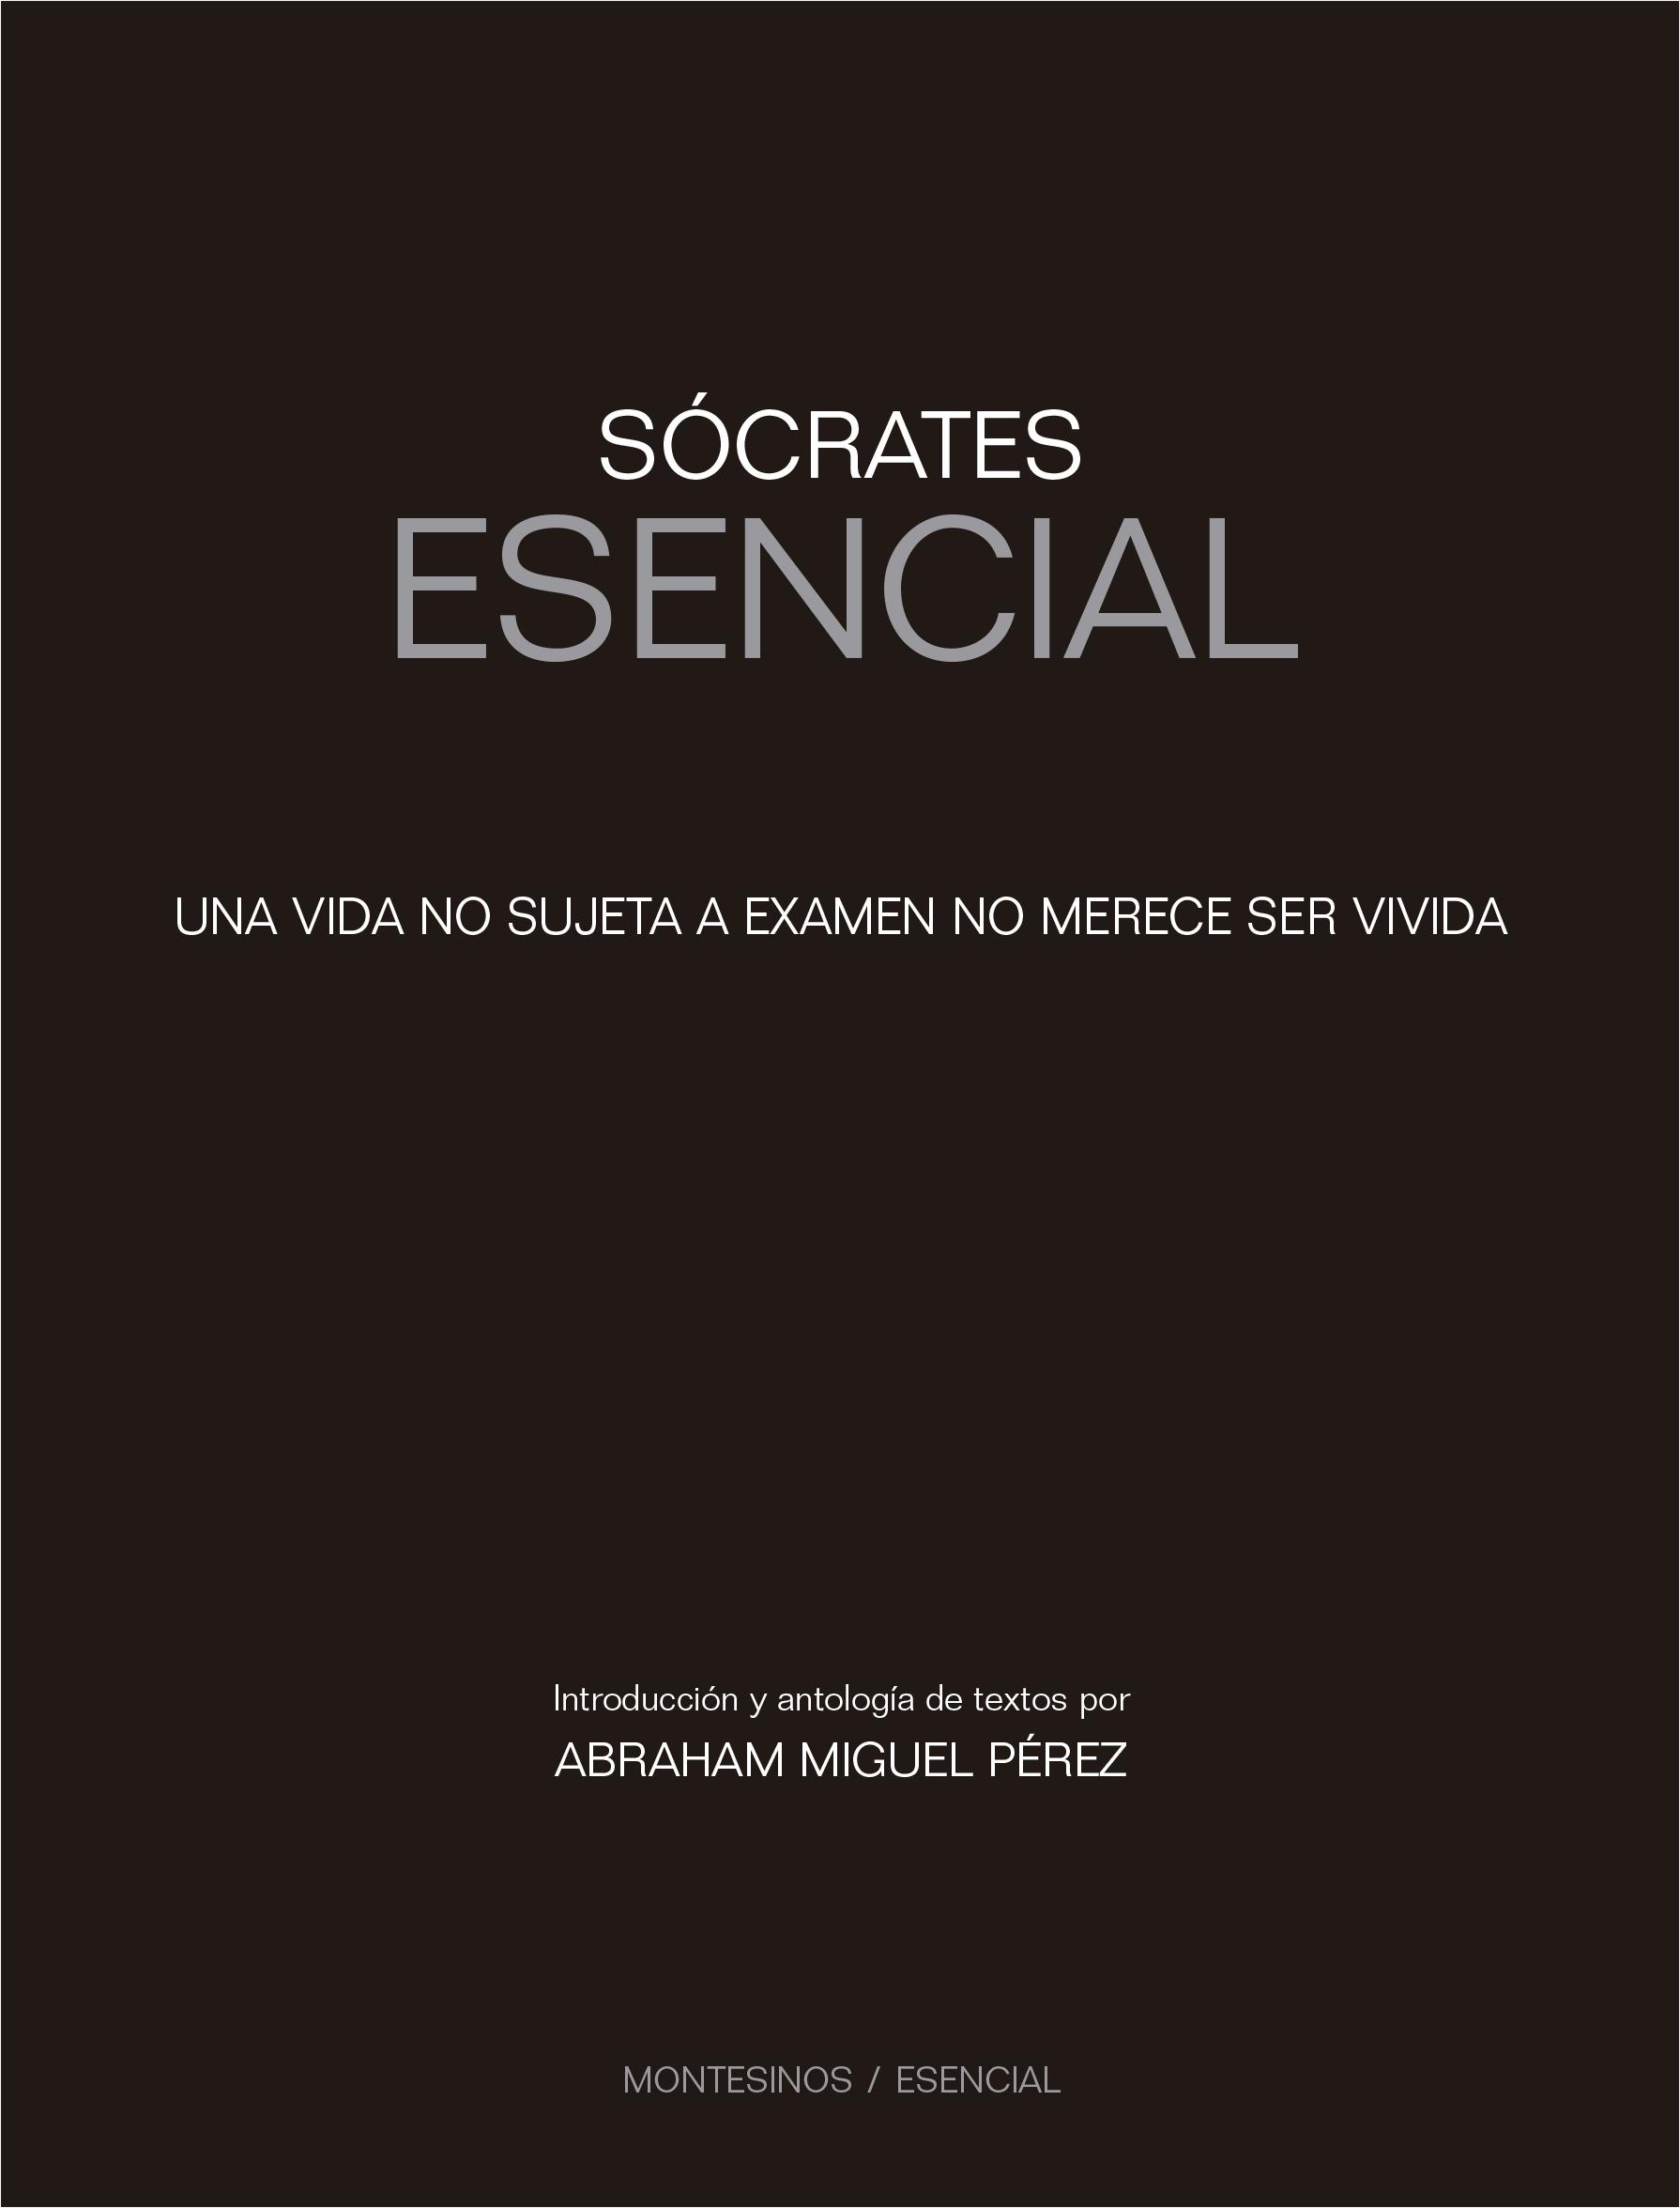 Socrates esencial «Una vida no sujeta a exámen no merece ser vivida»